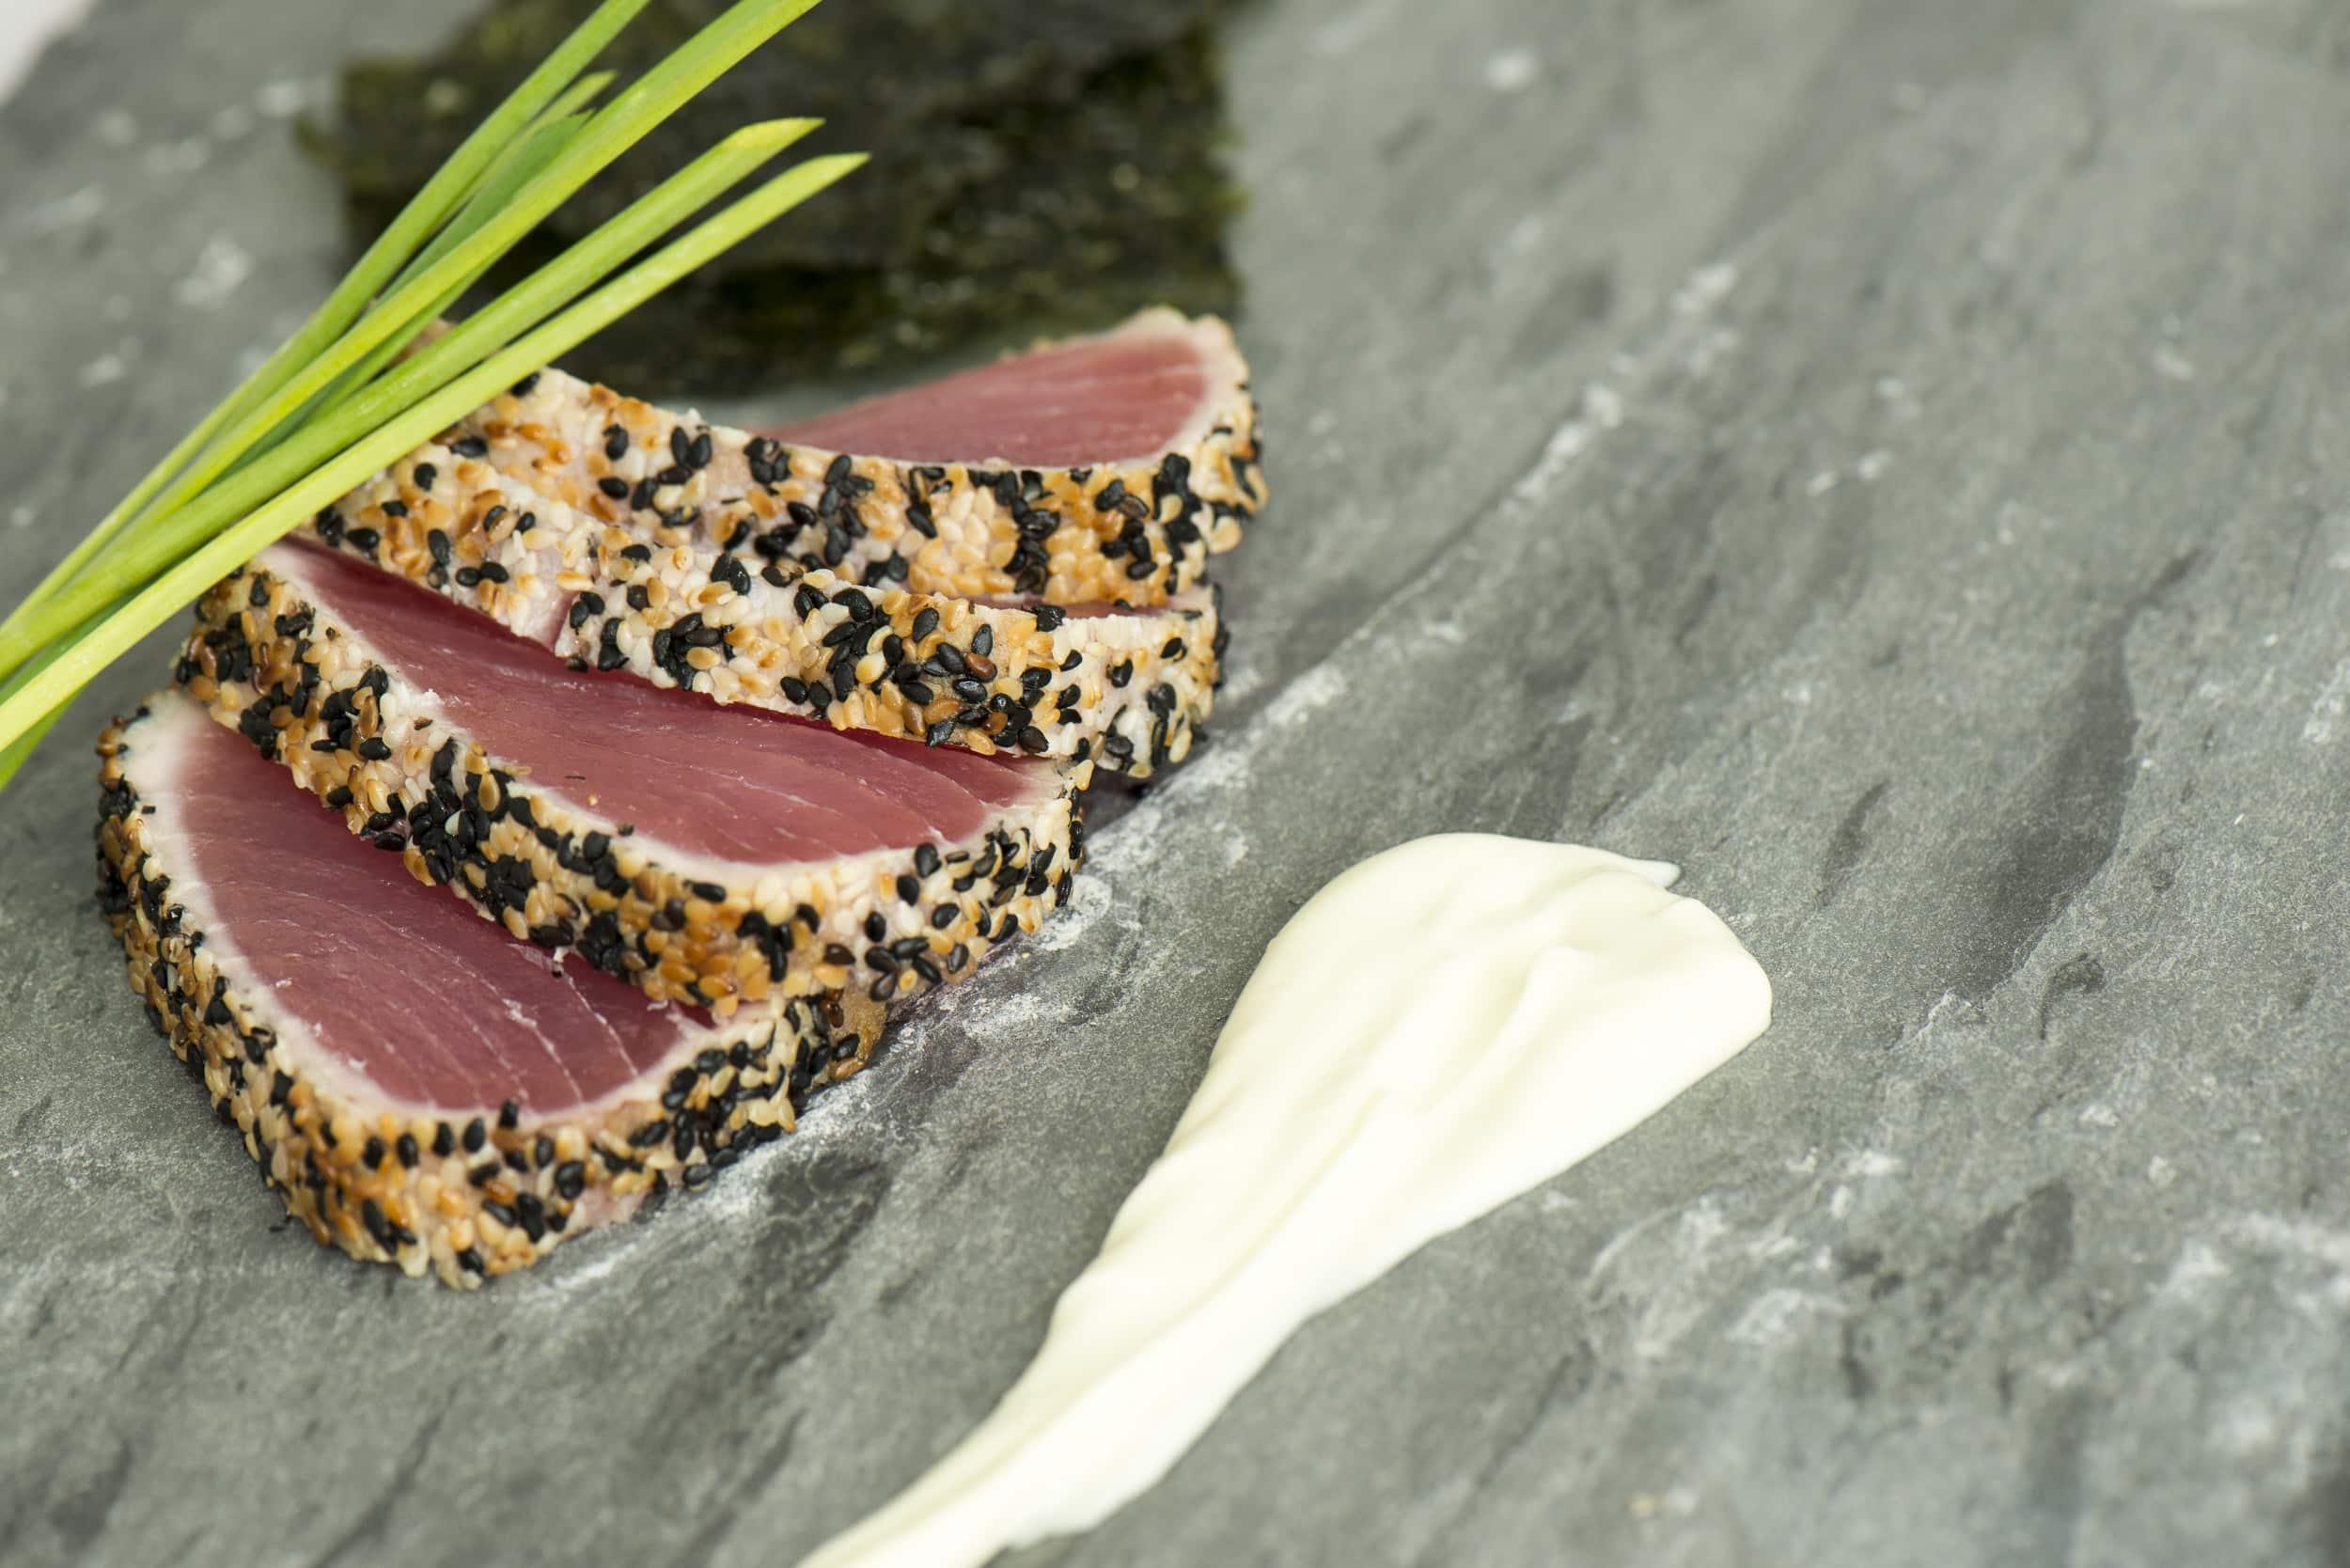 Sesame seed crusted tuna